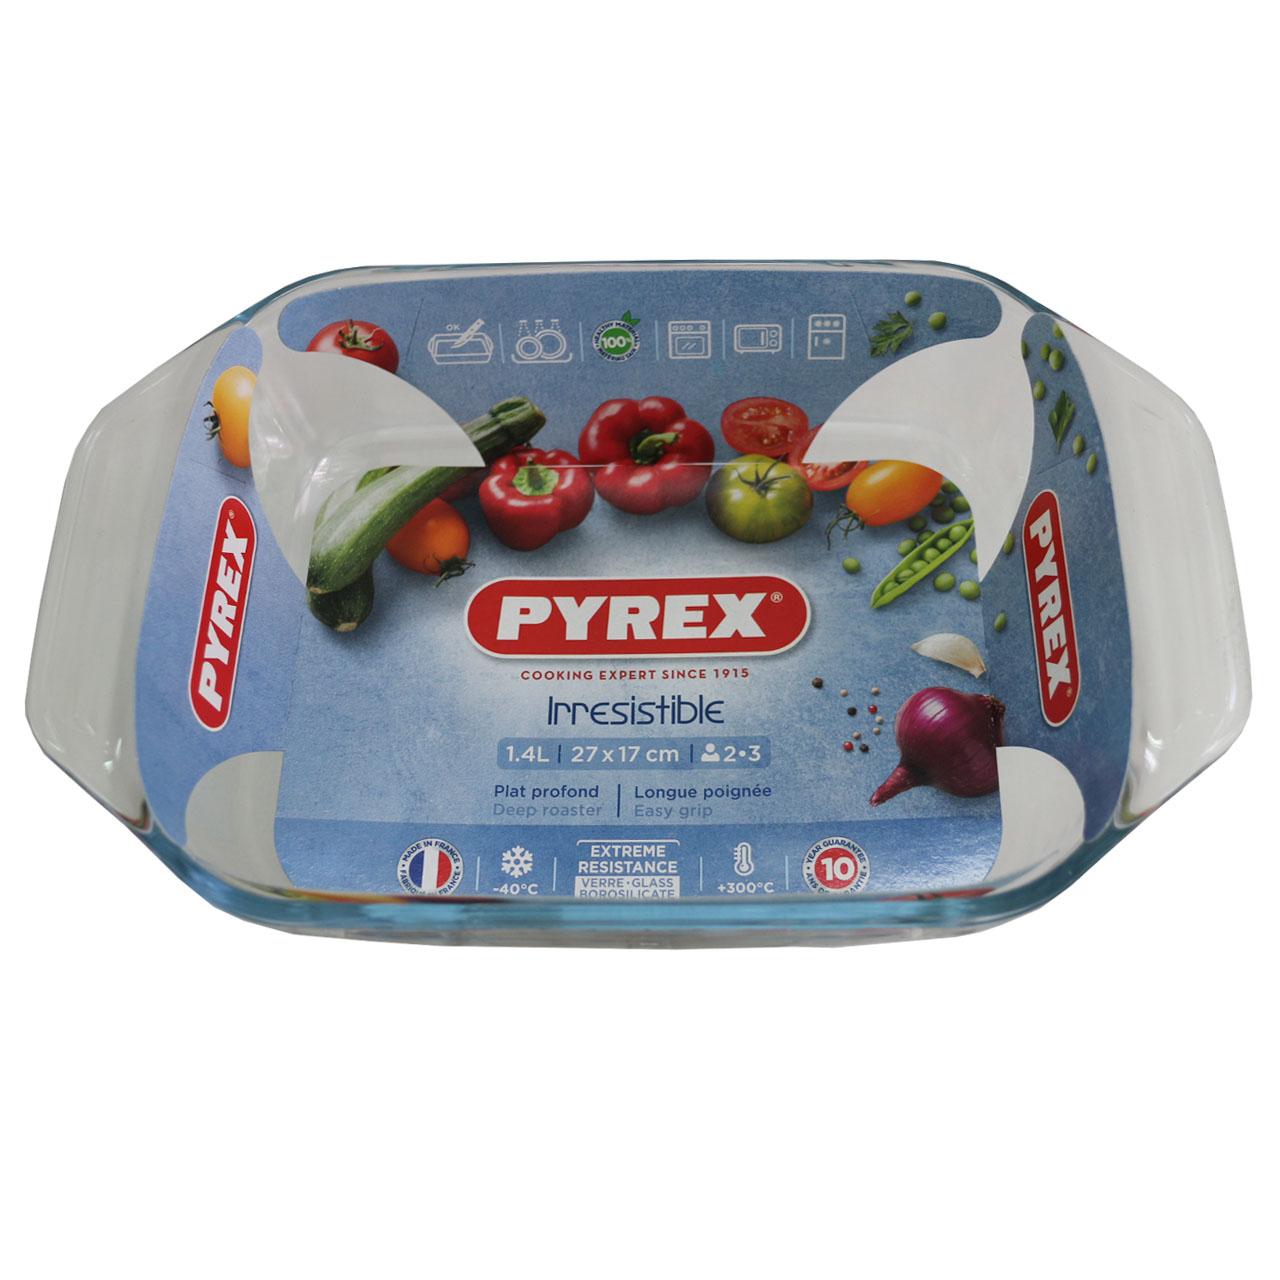 ظرف پخت پیرکس مدل irresistible